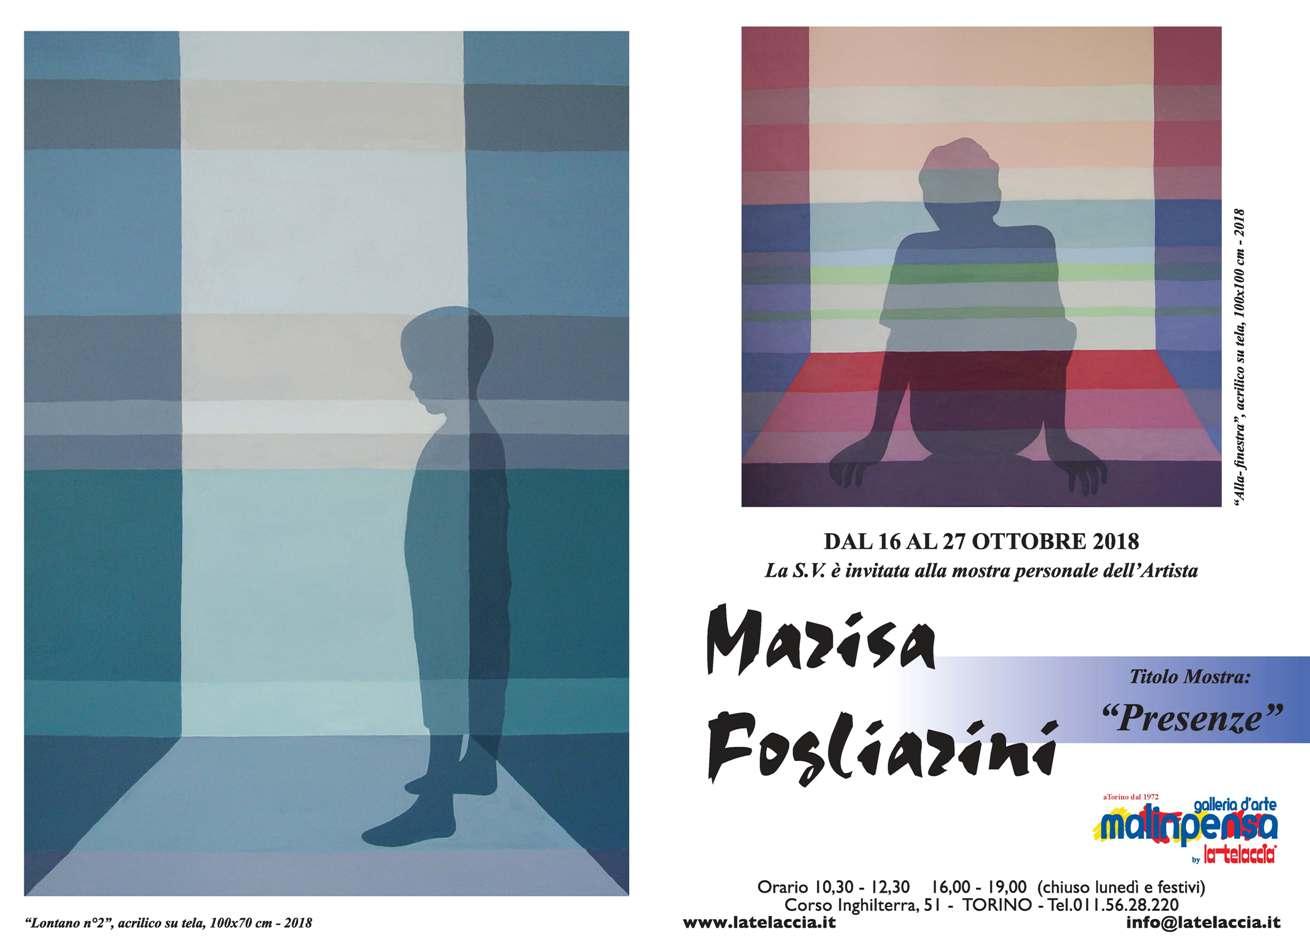 DEPLIANT MOSTRA PERSONALE MARISA FOGLIARINI.jpg